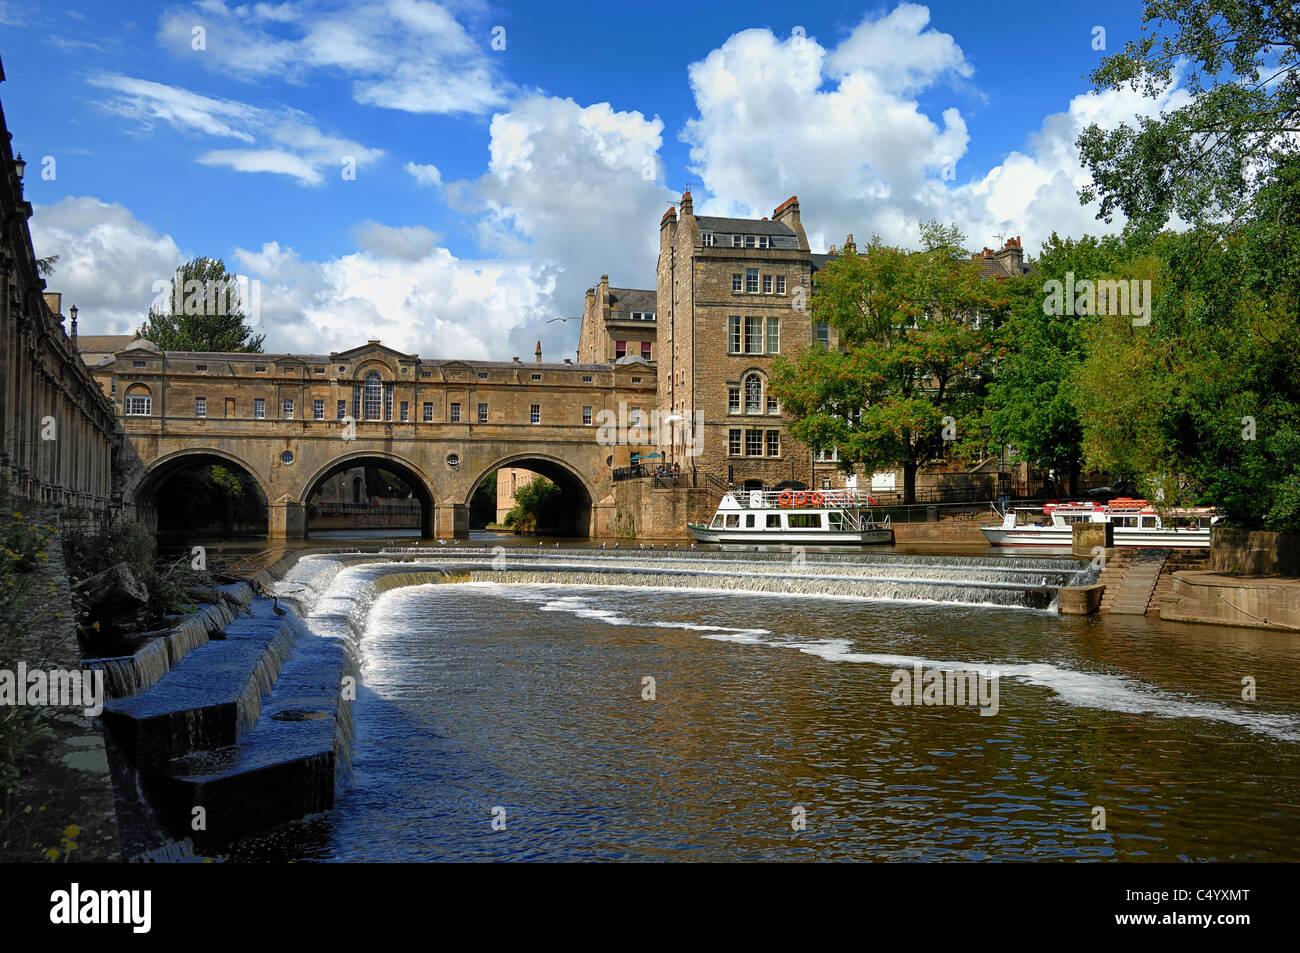 Das Wehr am Fluss Avon und Poultney Brücke in die Stadt Bath in Somerset Stockbild